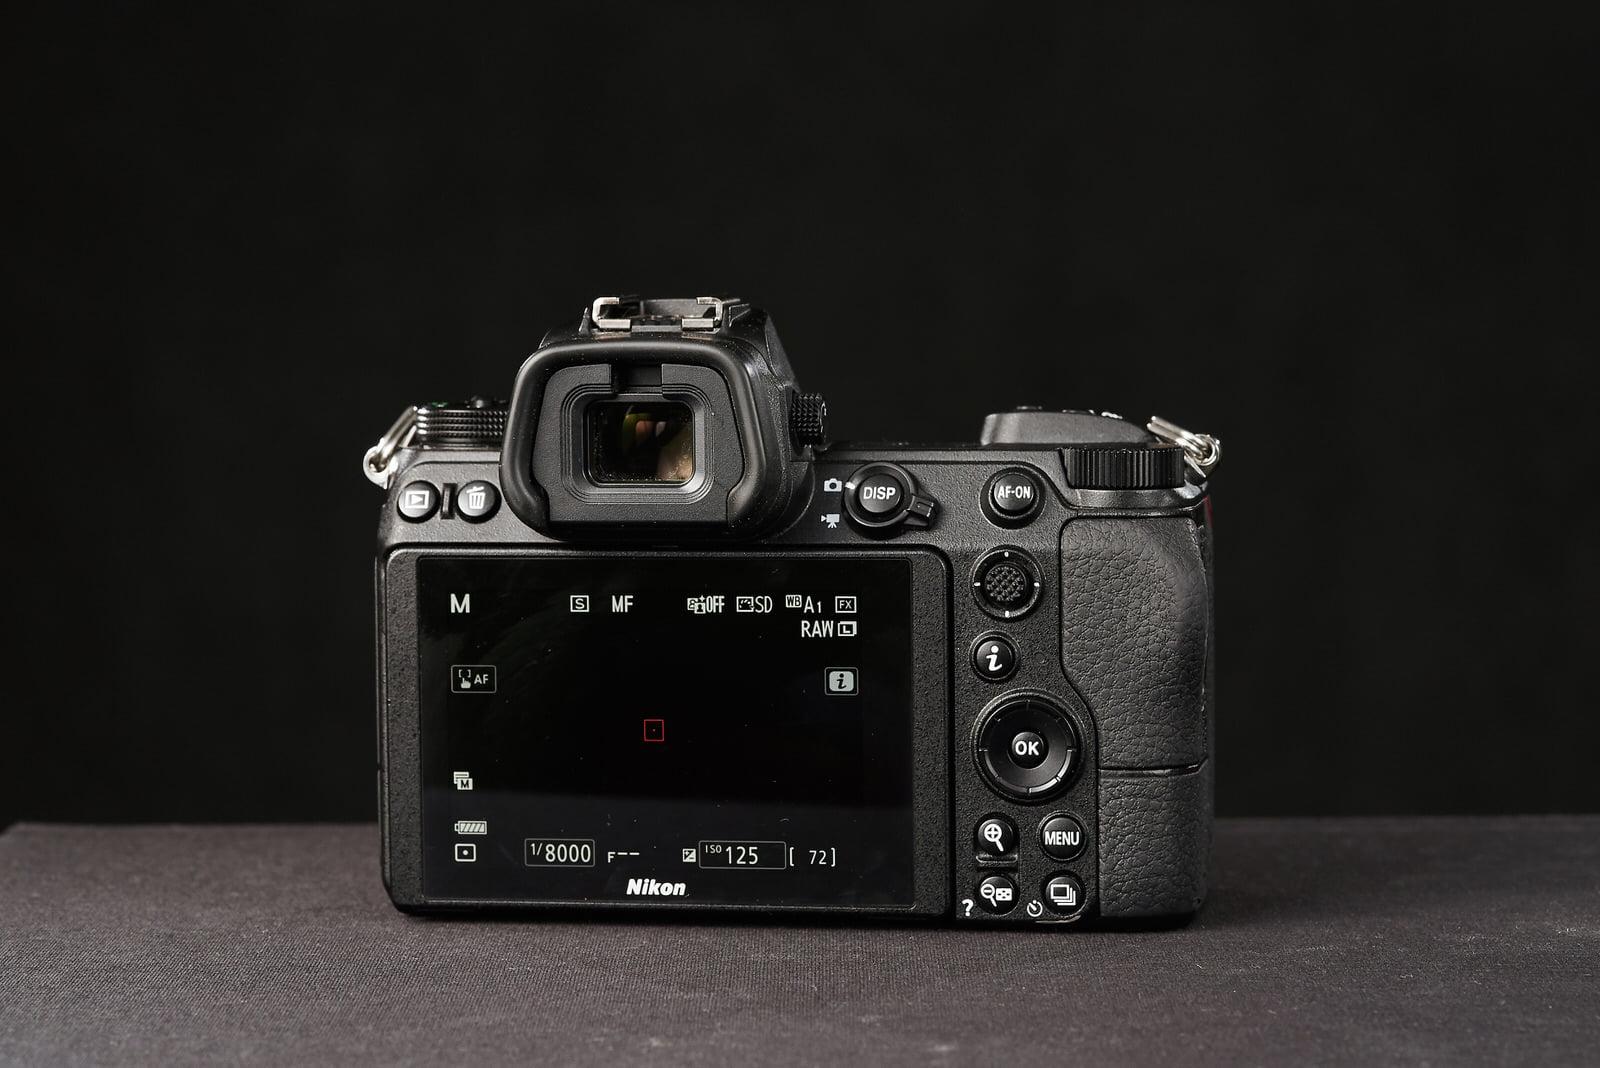 Recenzja Nikon Z6 w fotografii ślubnej | Porównanie do Nikona D750 6